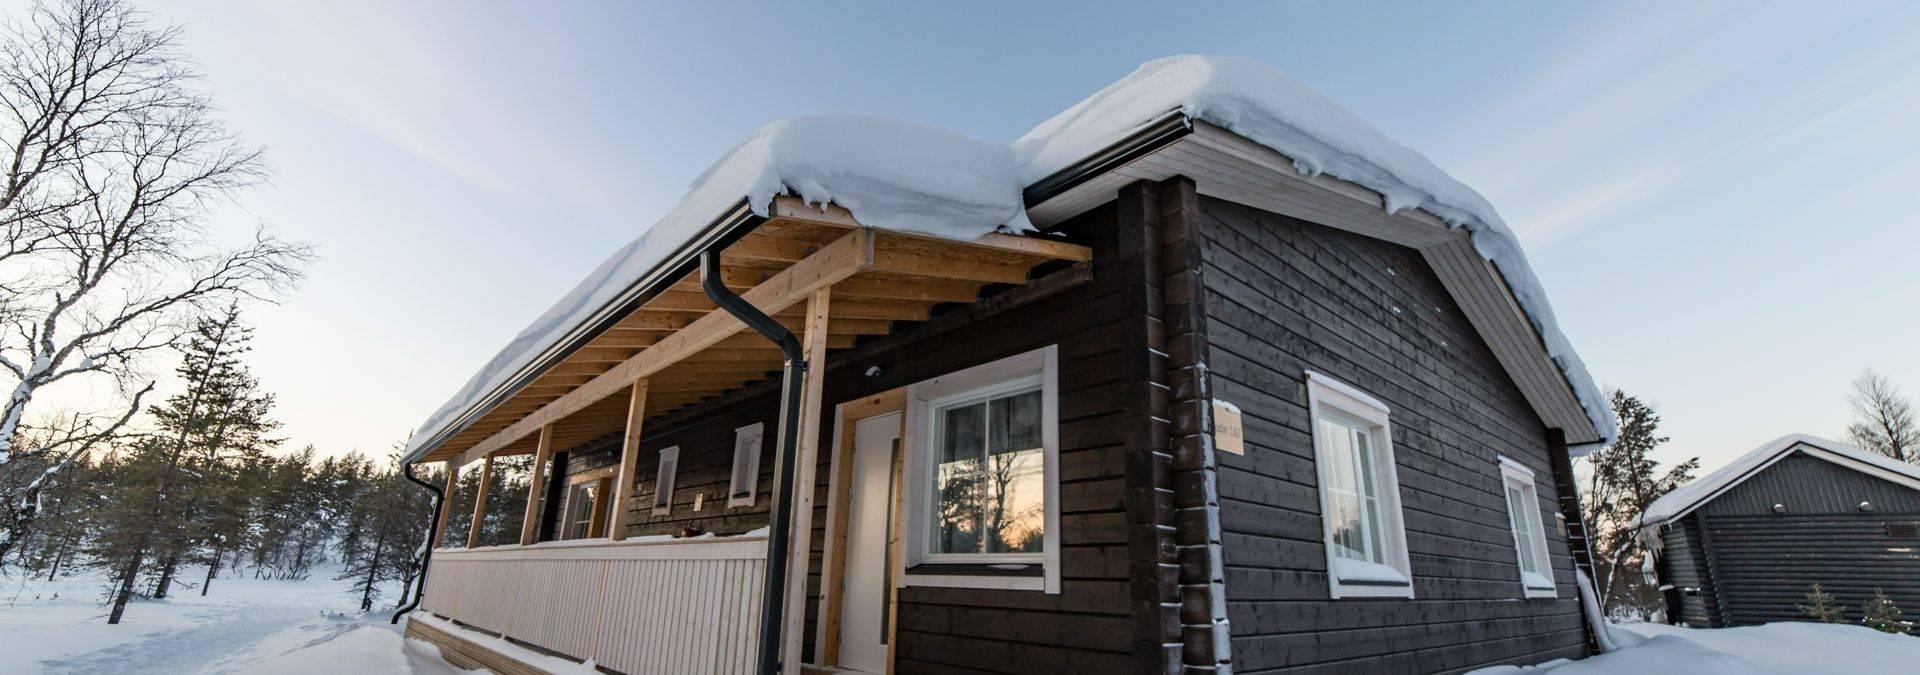 Muotka Superior Sauna Suite Exterior 1 Credit Matt Robinson